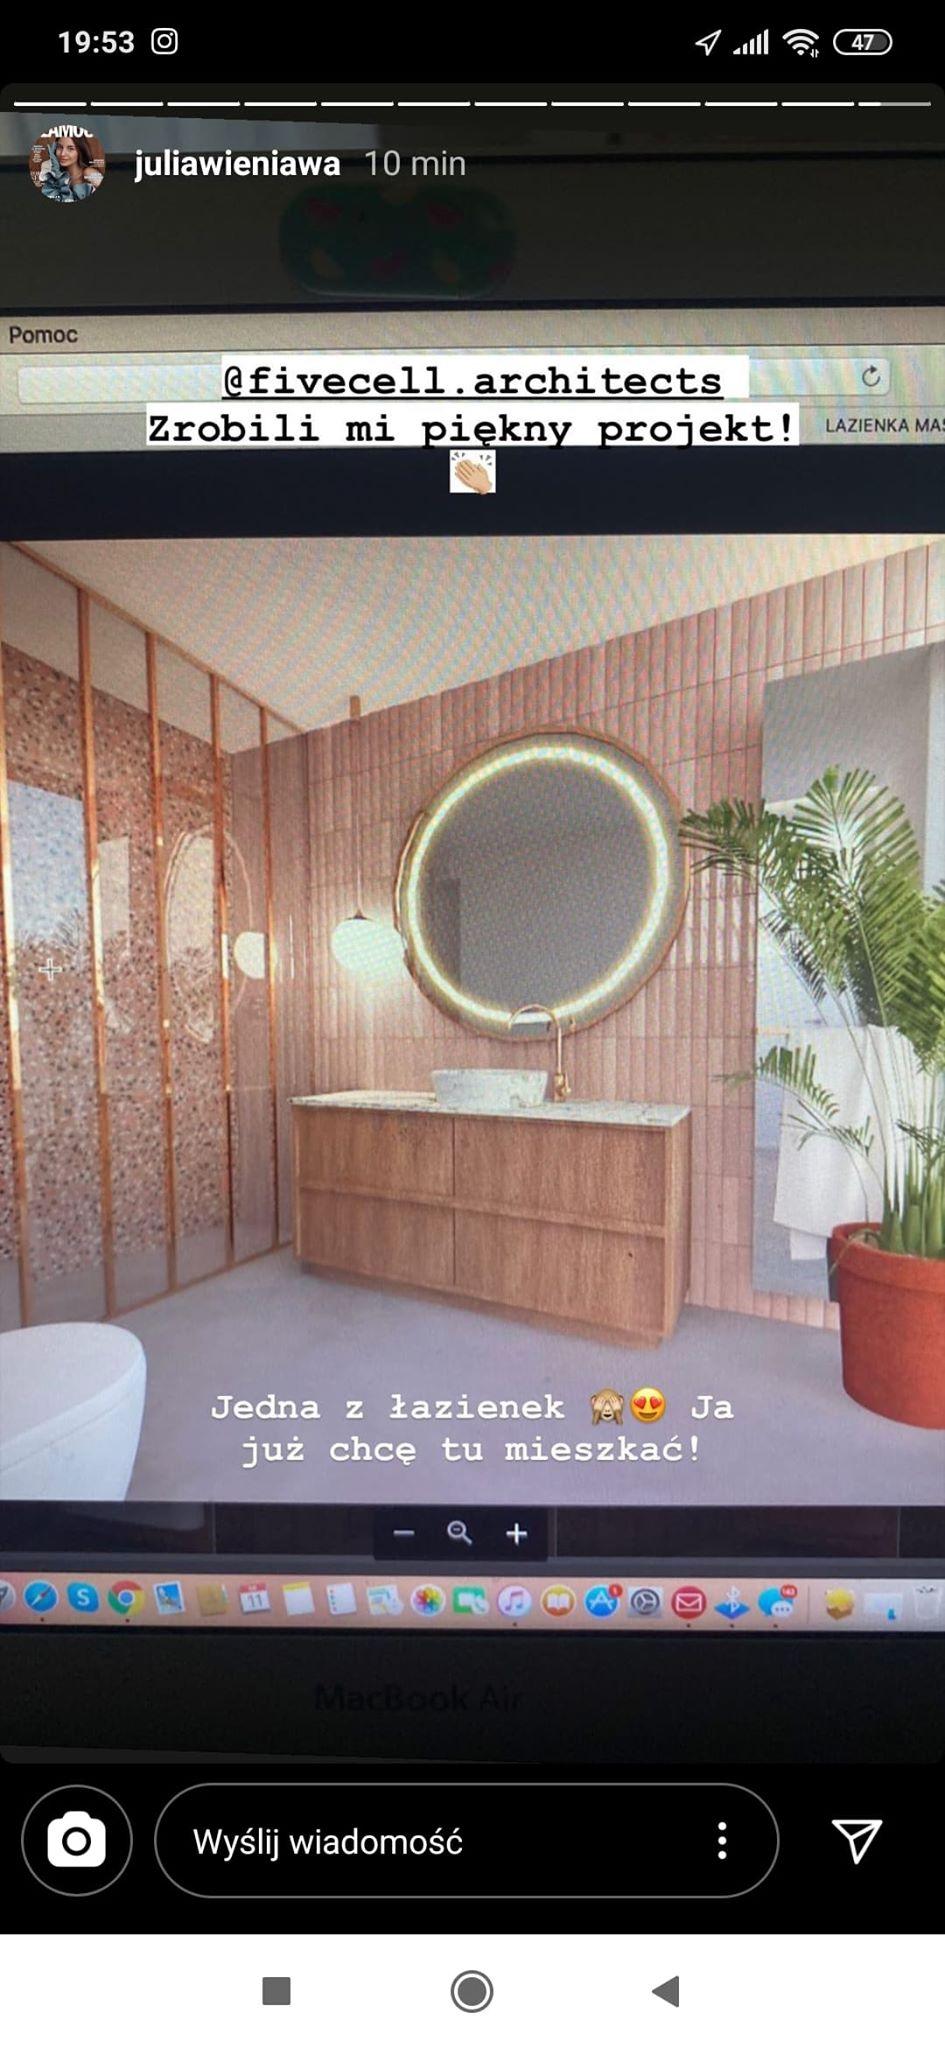 Nowe mieszkanie Julii Wieniawy fot. Instagram @juliawieniawa